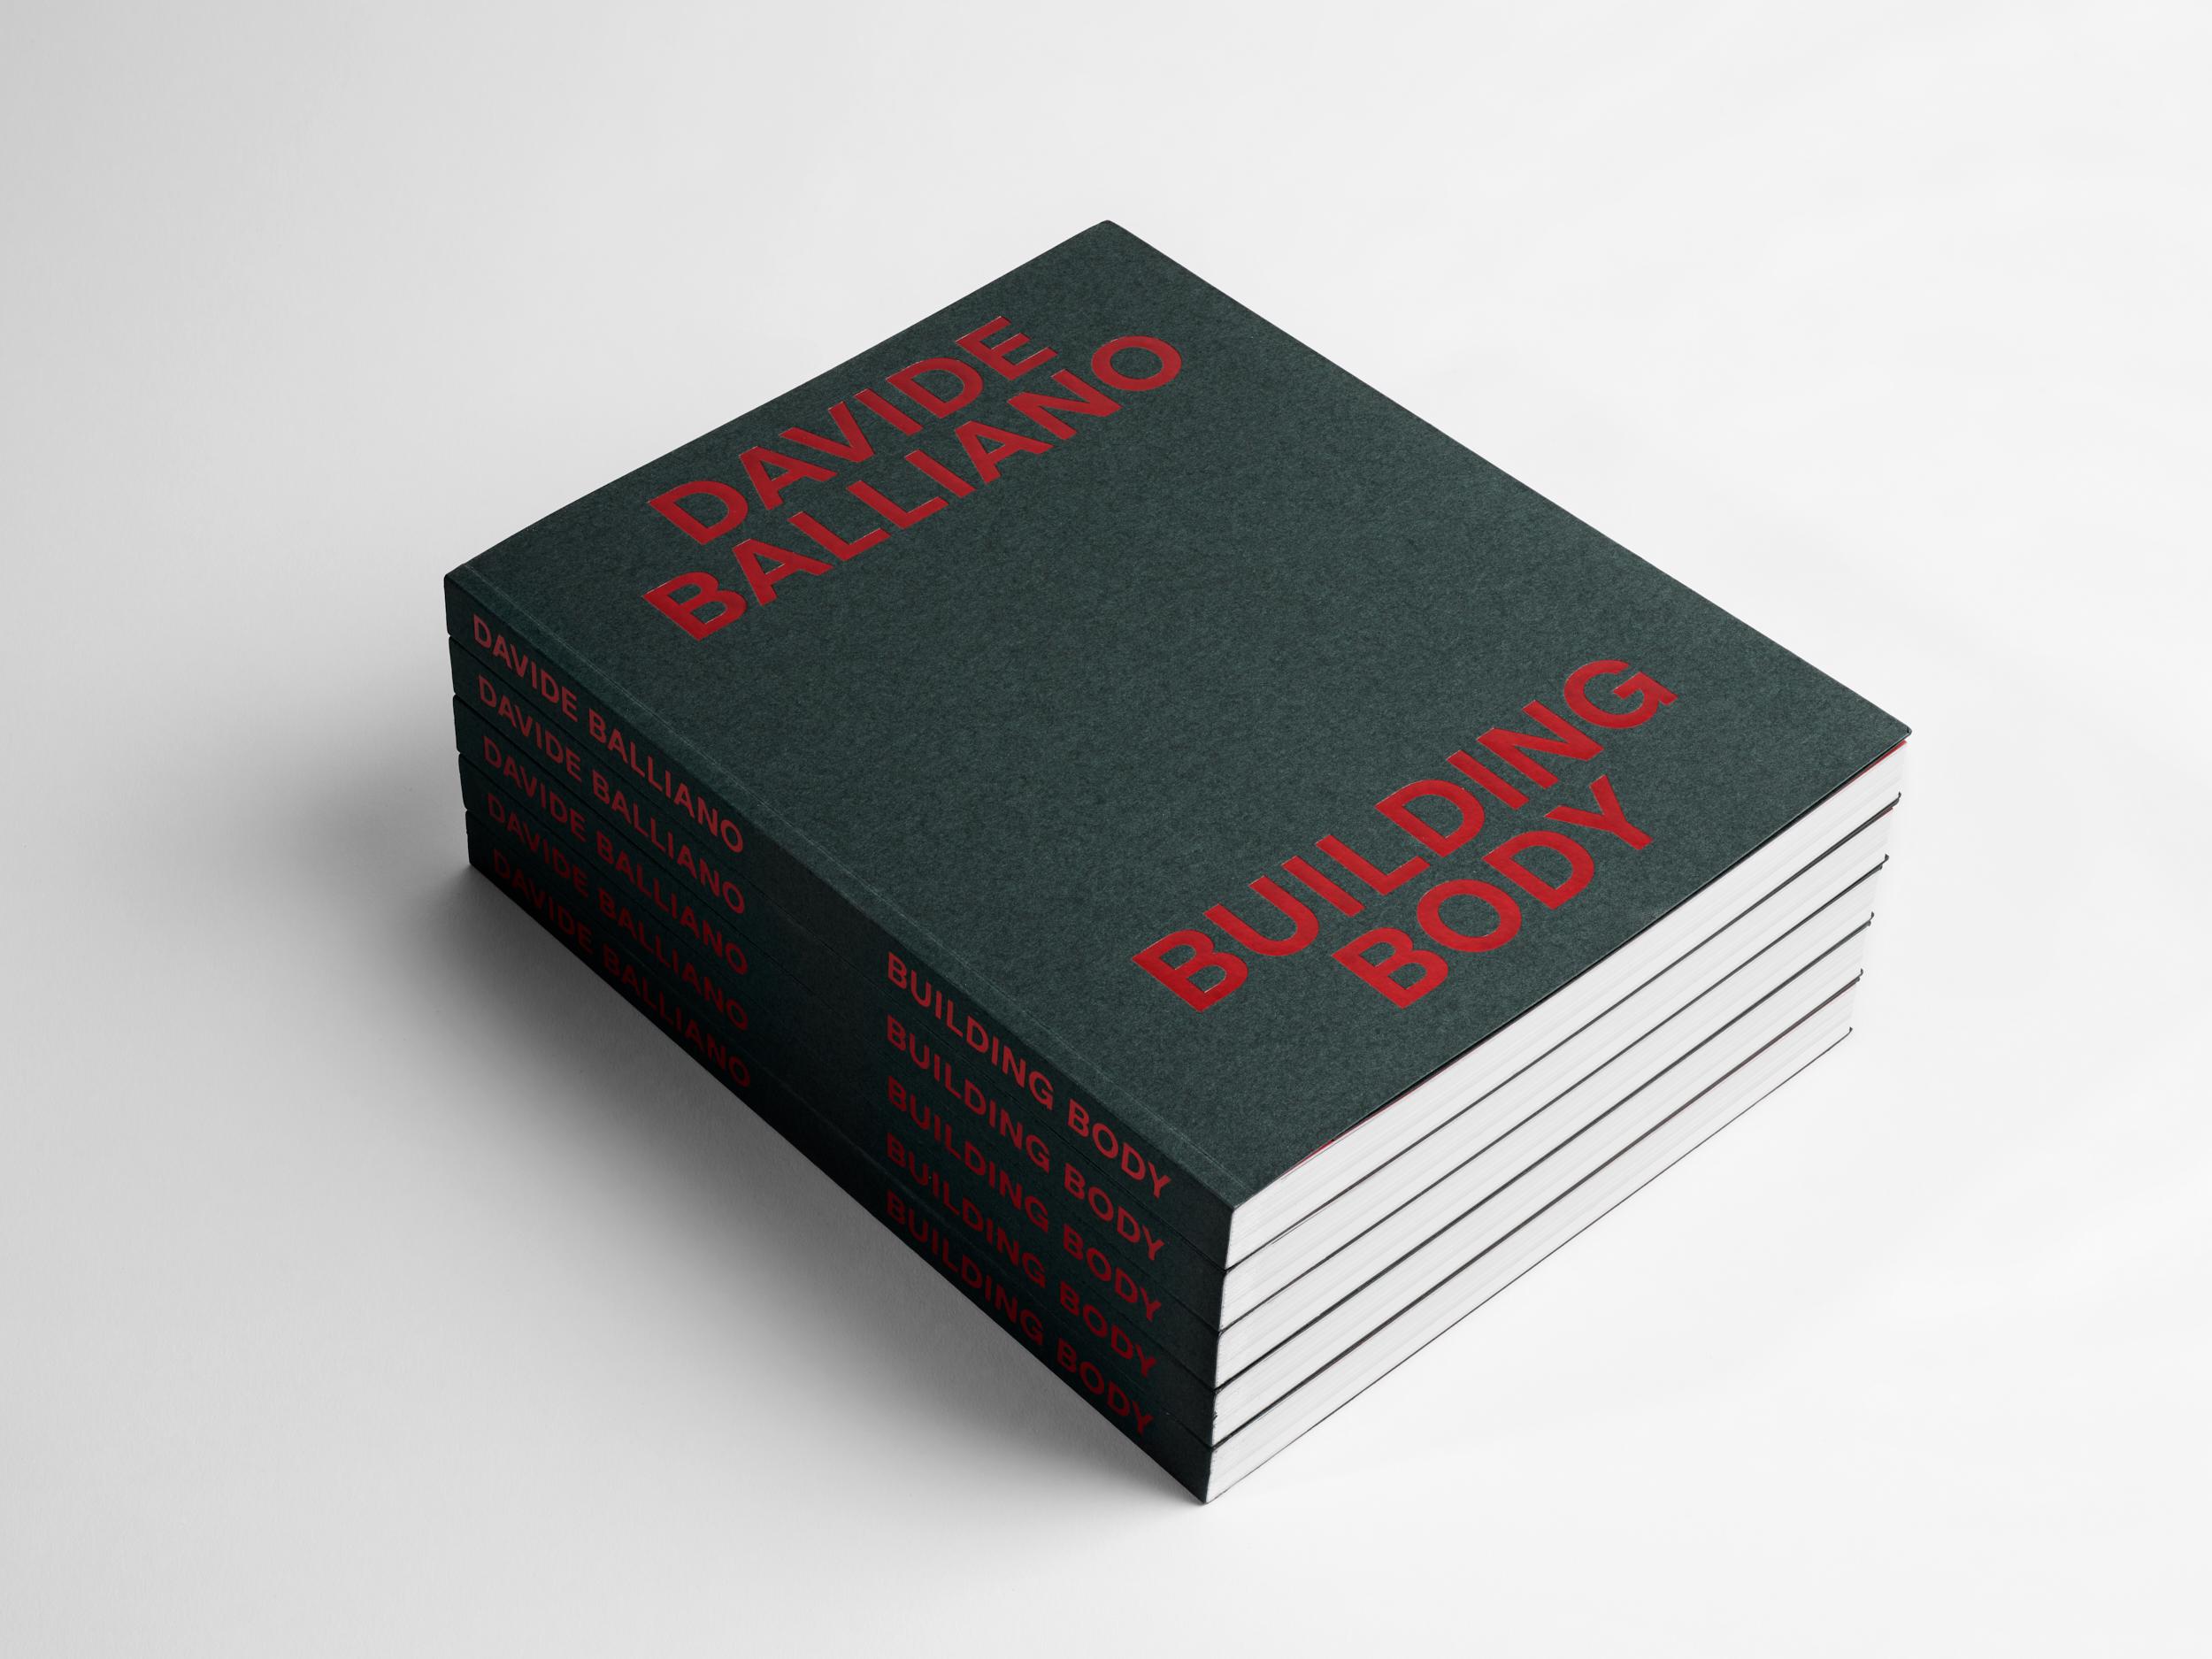 Davide_Balliano_Book_SHOT2.jpg